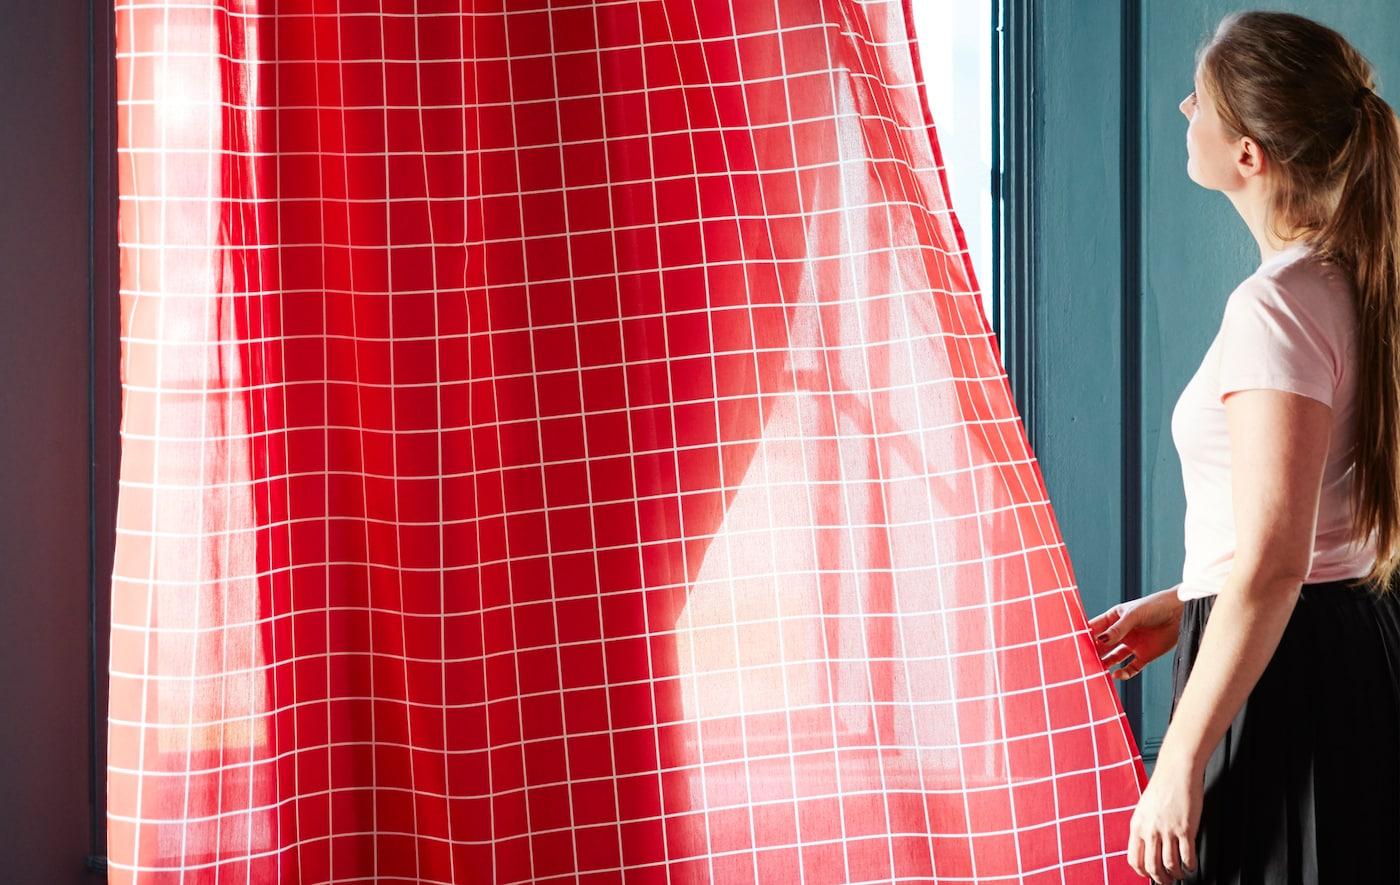 Les voilages IKEA ROSALILL aux lignes blanches sur fond rouge laissant filtrer quelques rayons de soleil.